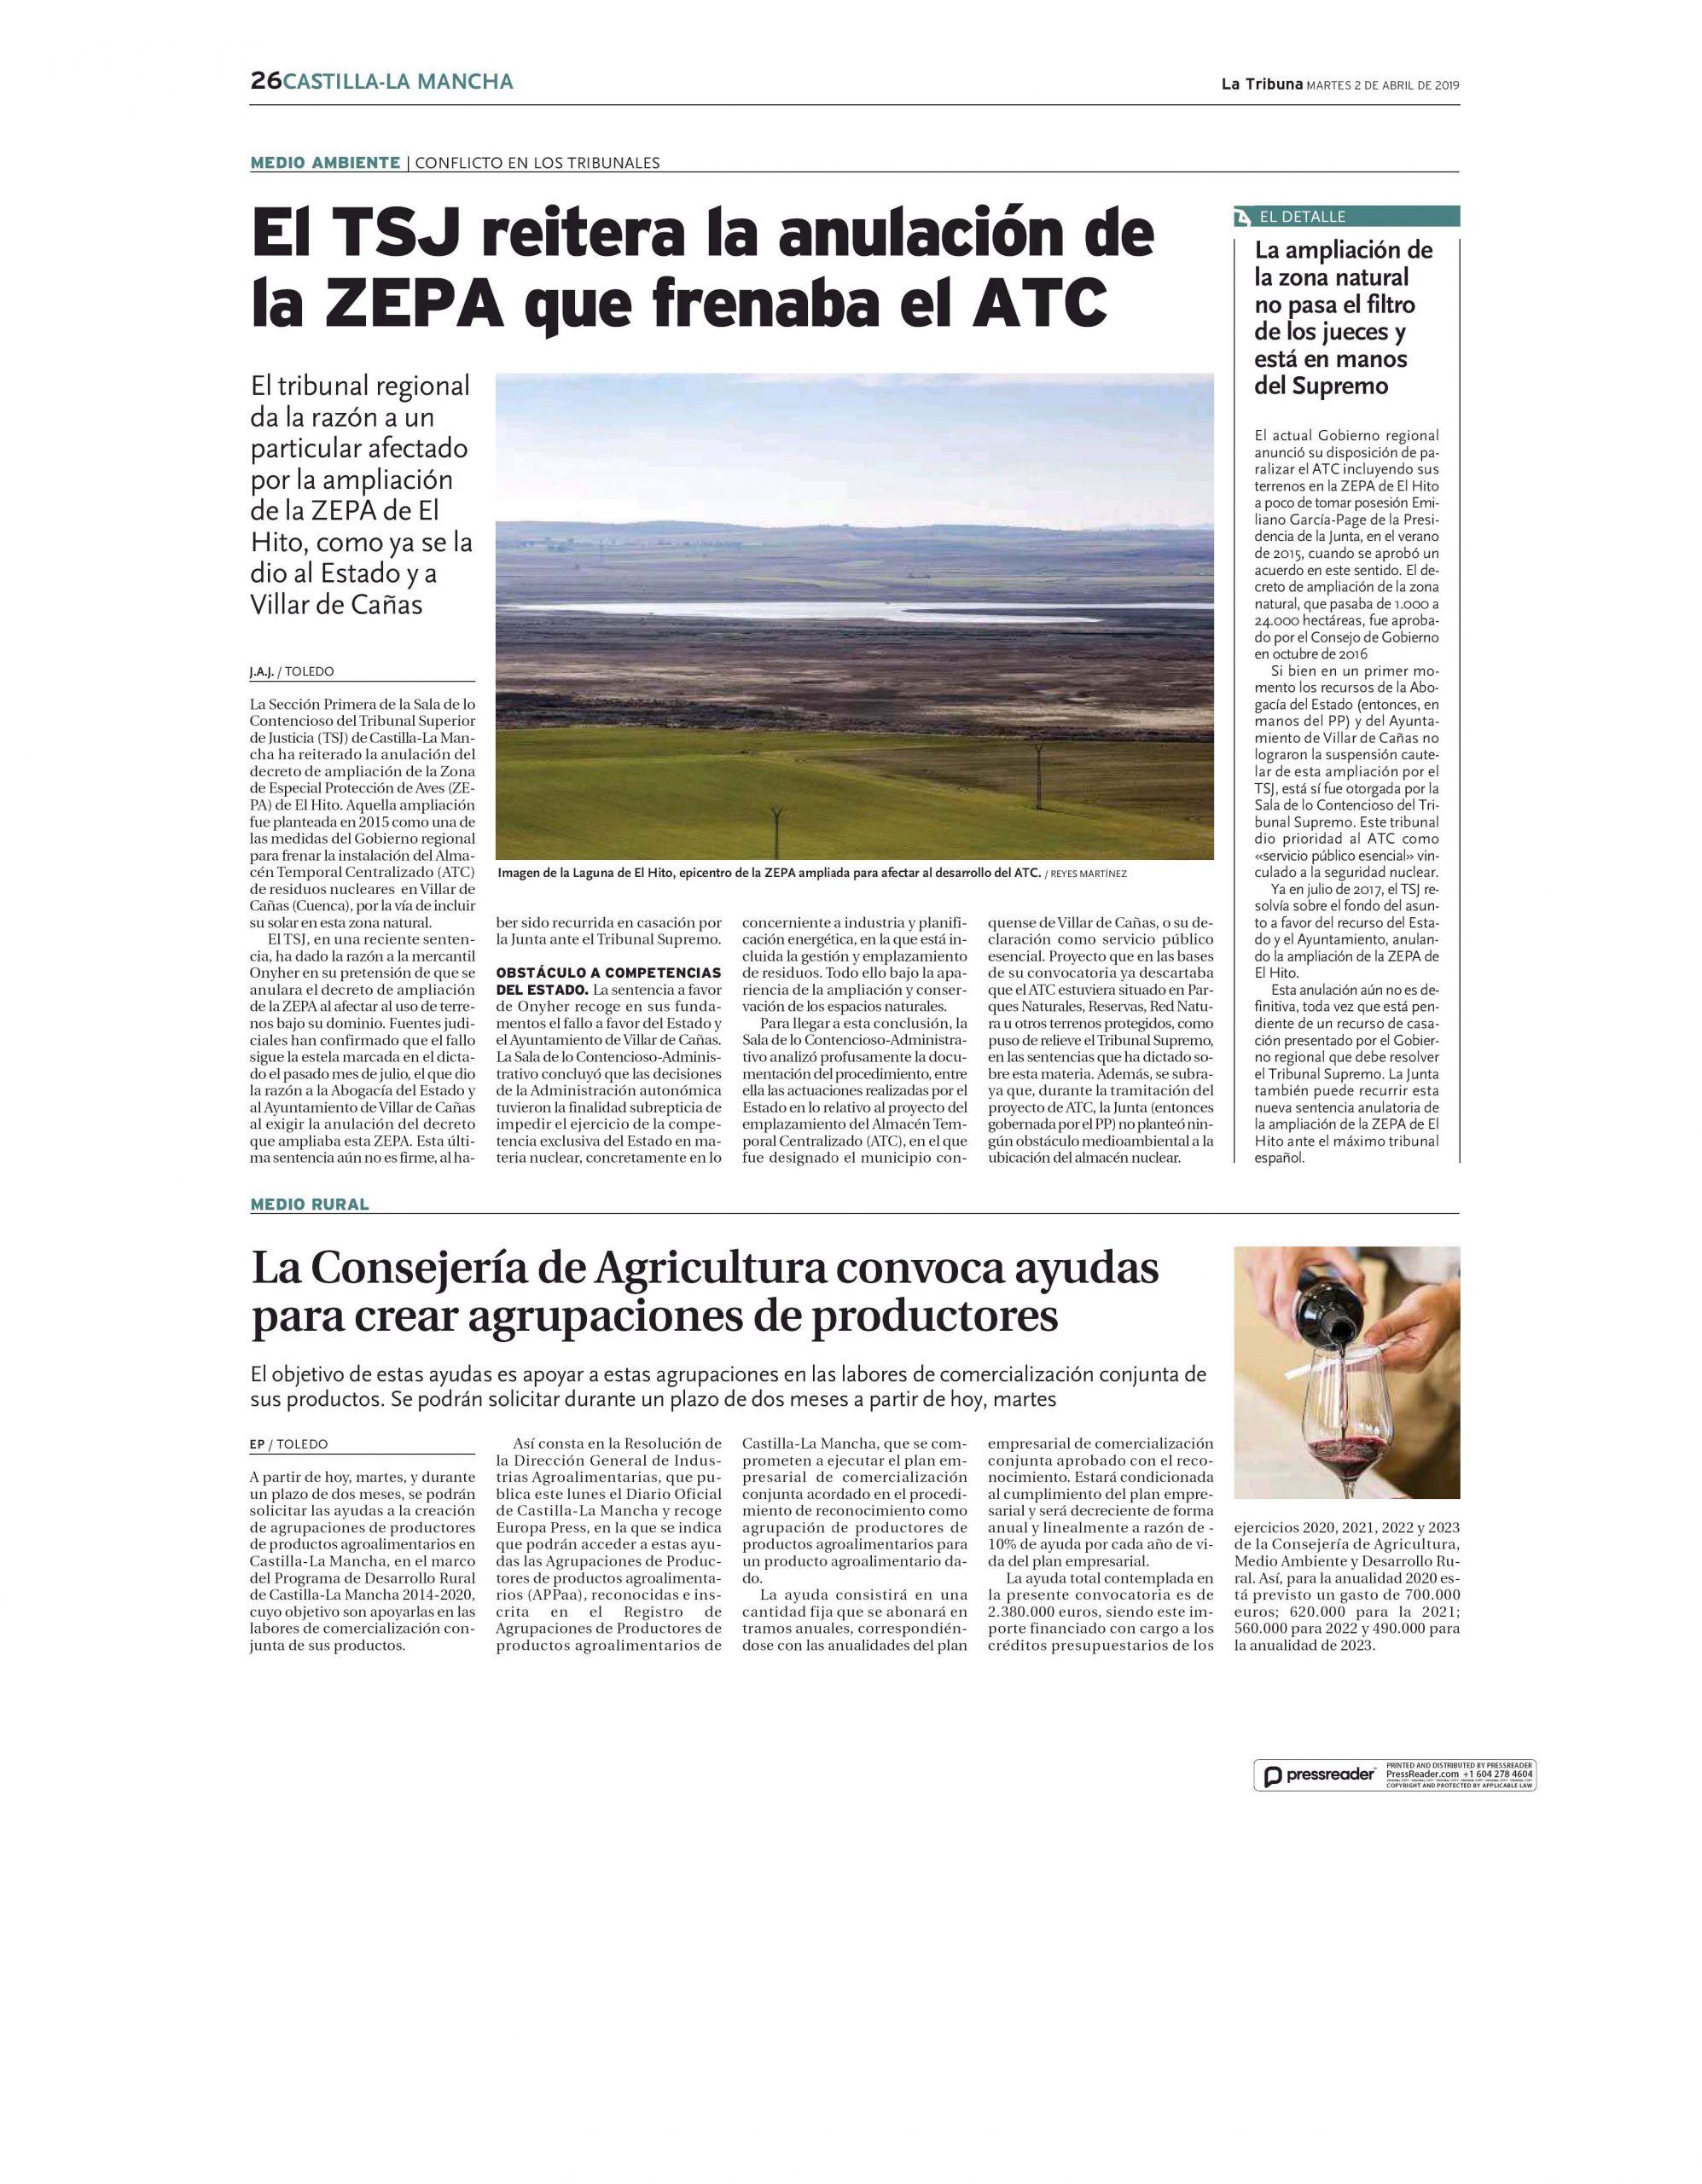 ANULACIÓN DE LA ZEPA